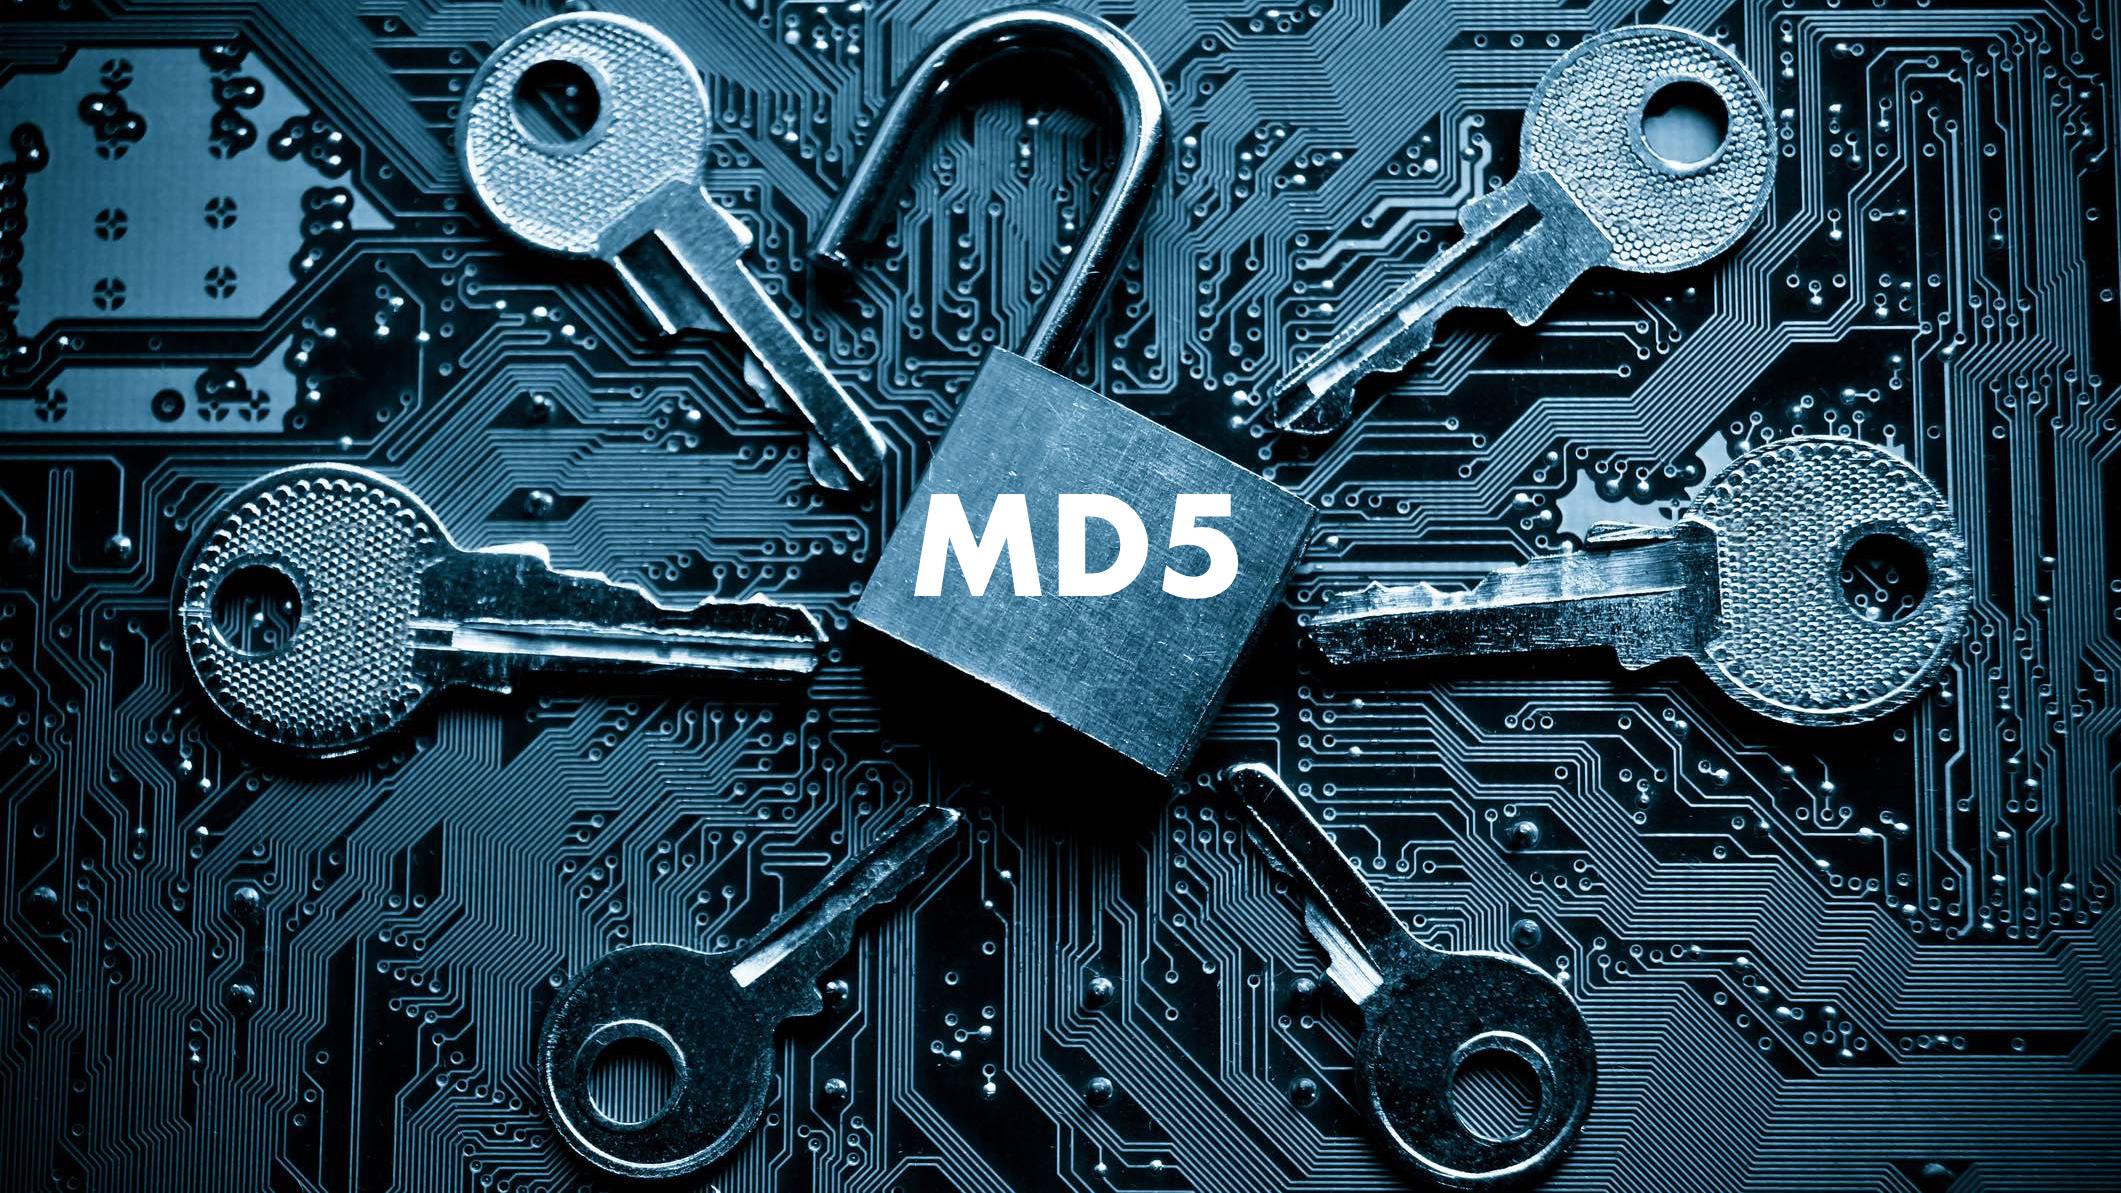 Bạn có biết mã MD5 là gì và nó có ứng dụng gì trong bảo mật hay không?